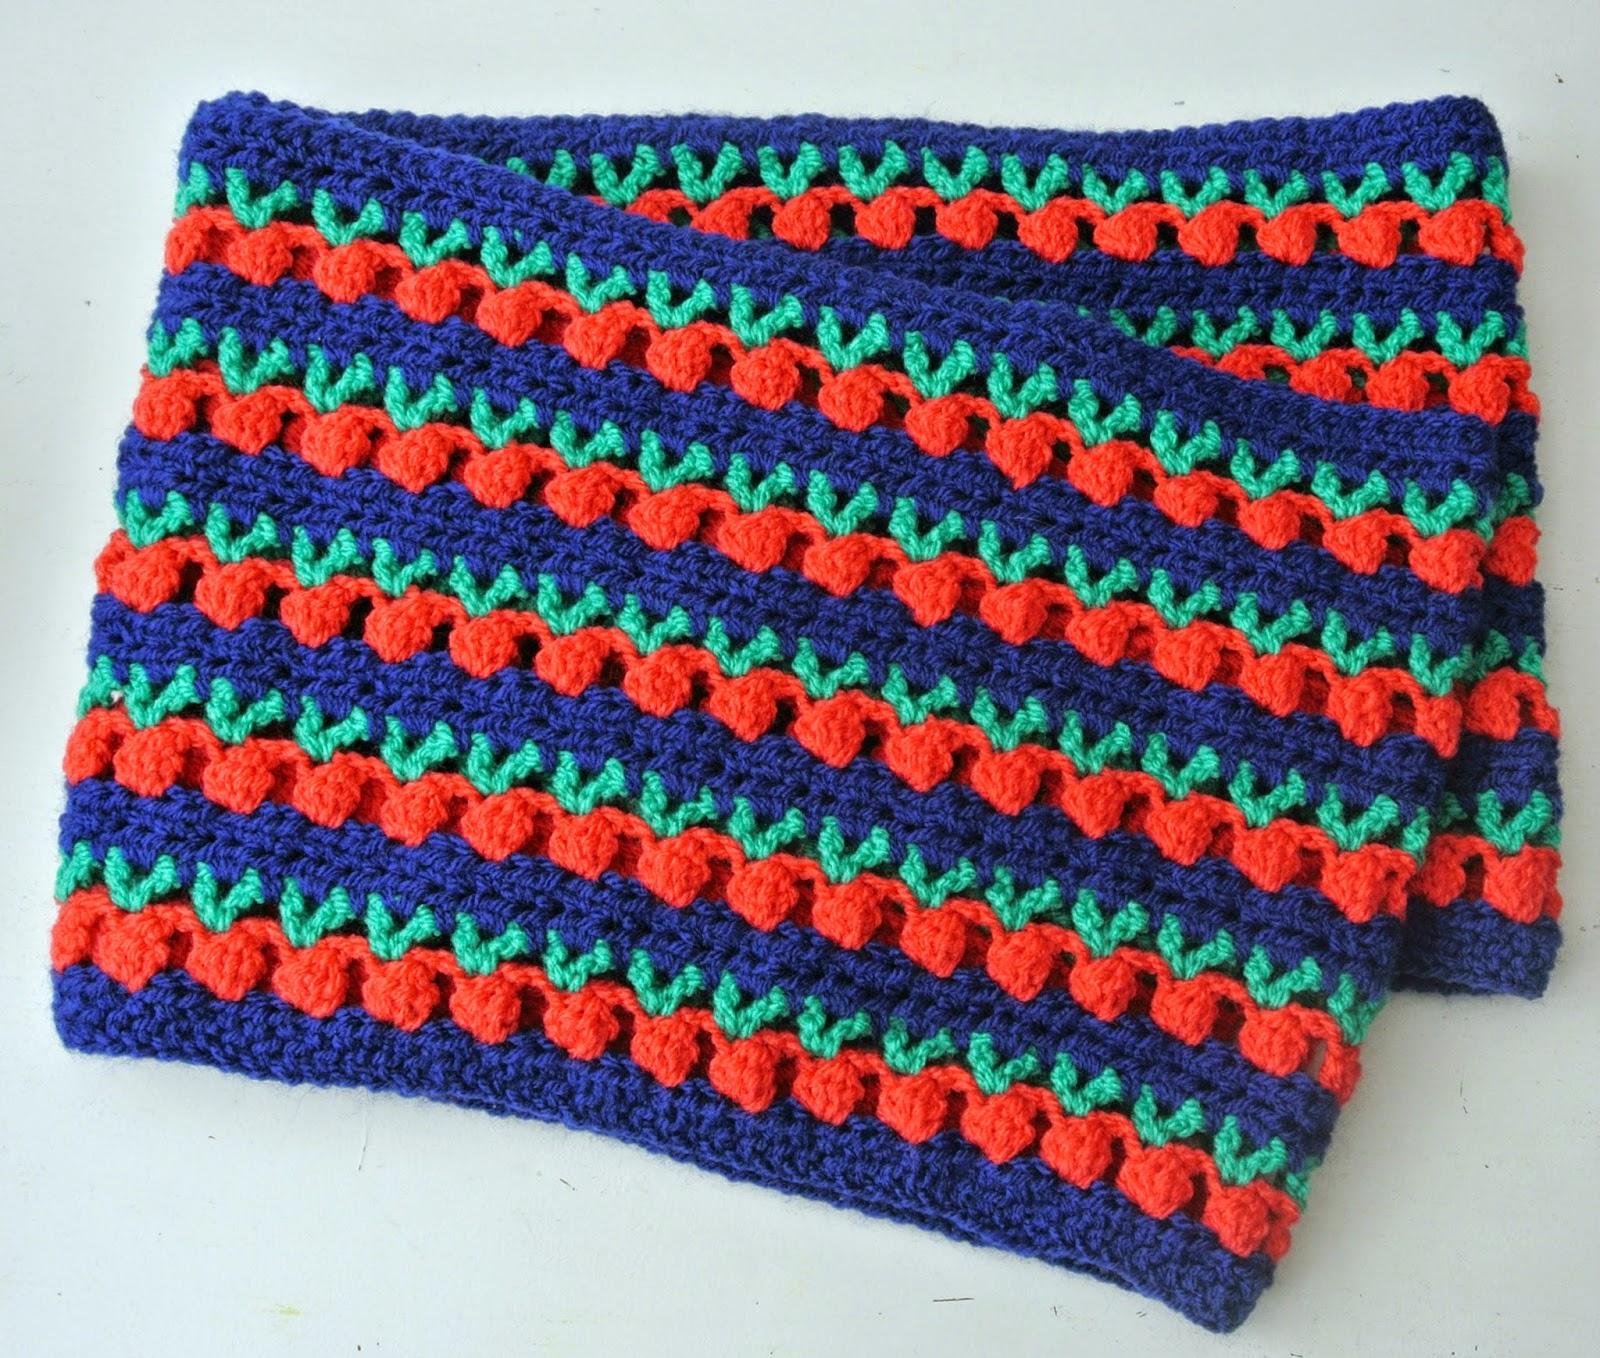 Haakpatroon sjaal met appels